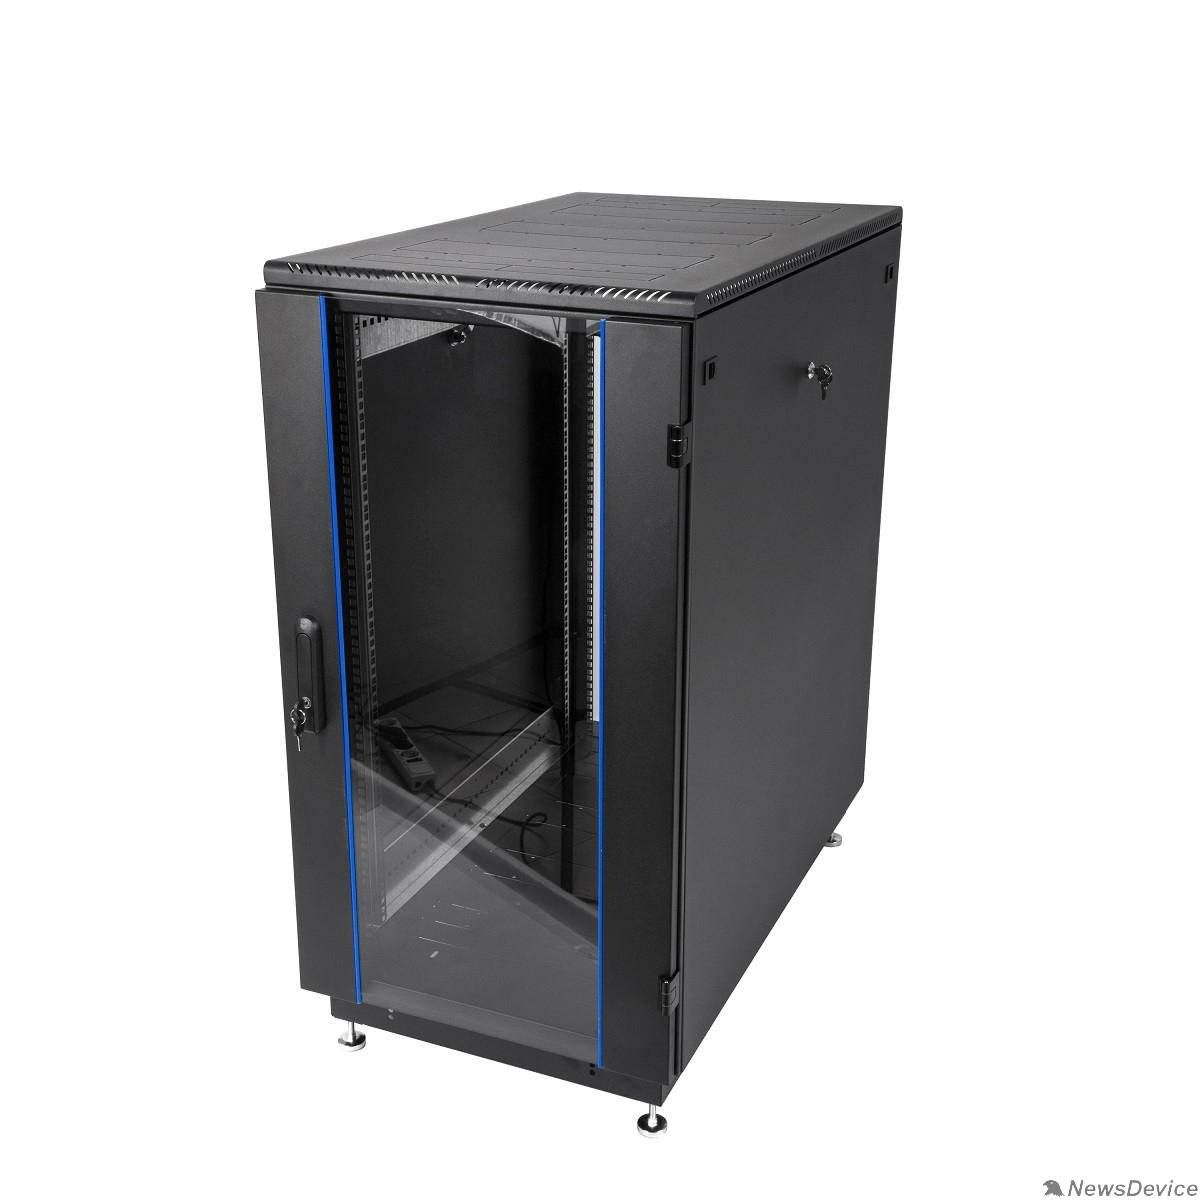 Монтажное оборудование ЦМО Шкаф телекоммуникационный напольный 27U (600x600) дверь стекло, цвет чёрный (ШТК-М-27.6.6-1ААА-9005) (2 коробки)